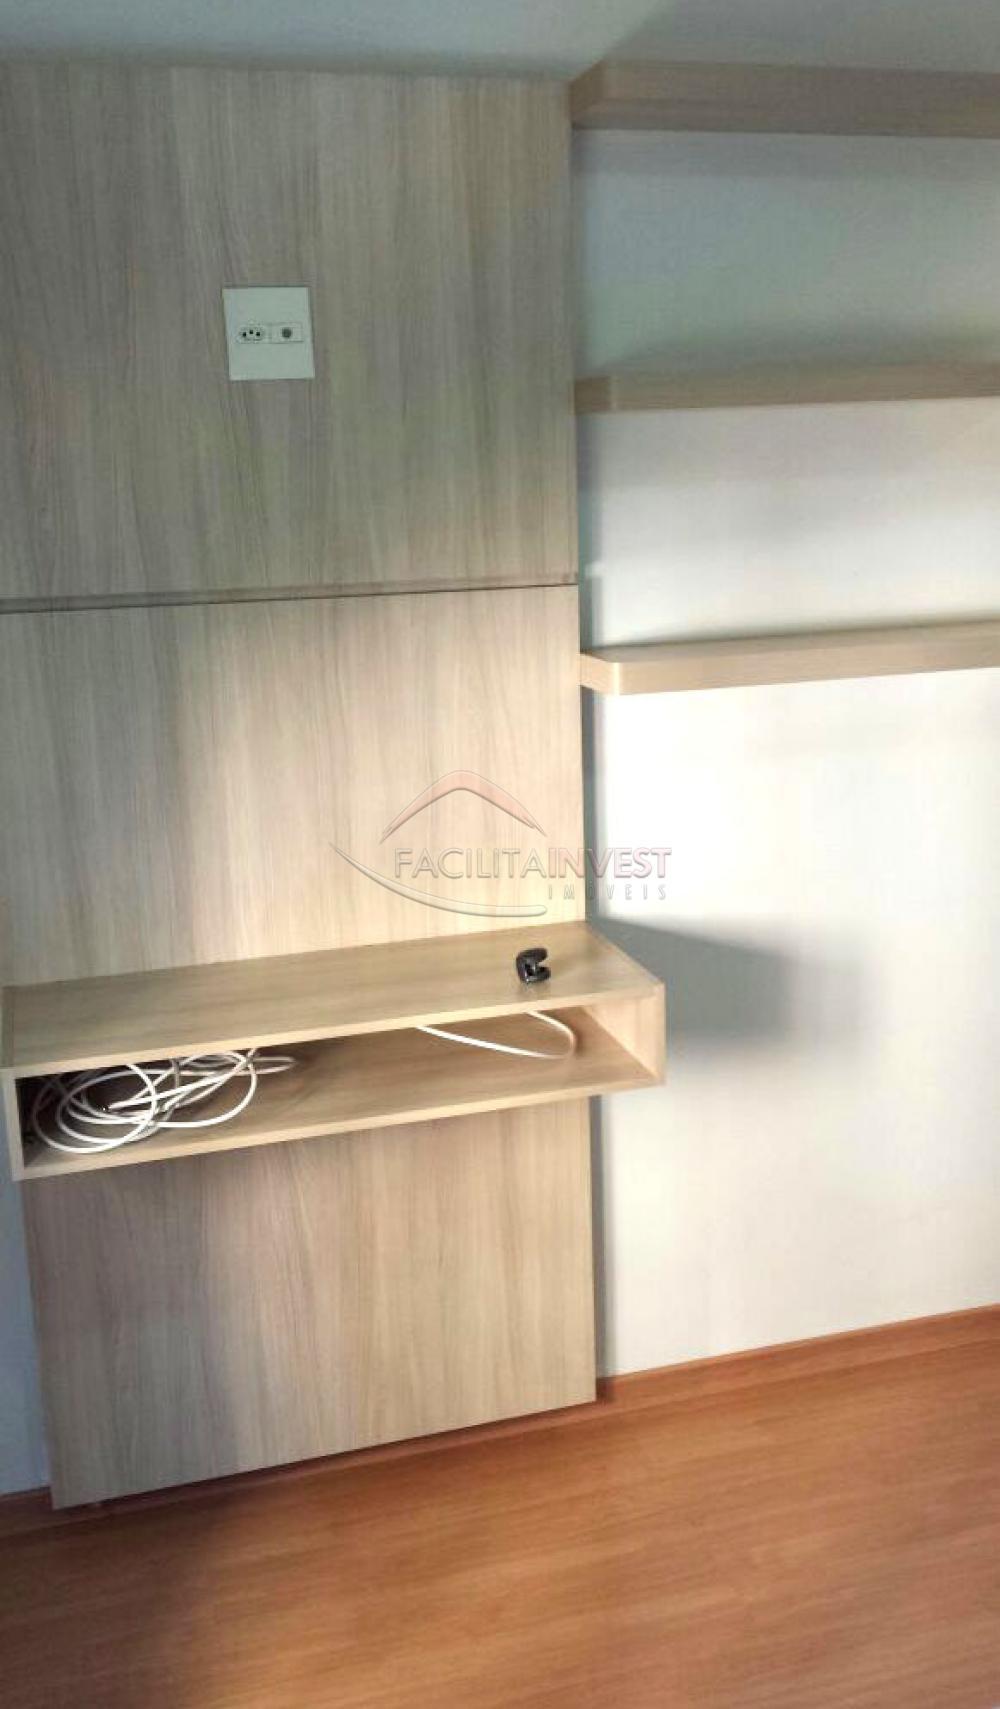 Comprar Apartamentos / Apartamento Mobiliado em Ribeirão Preto apenas R$ 315.000,00 - Foto 12